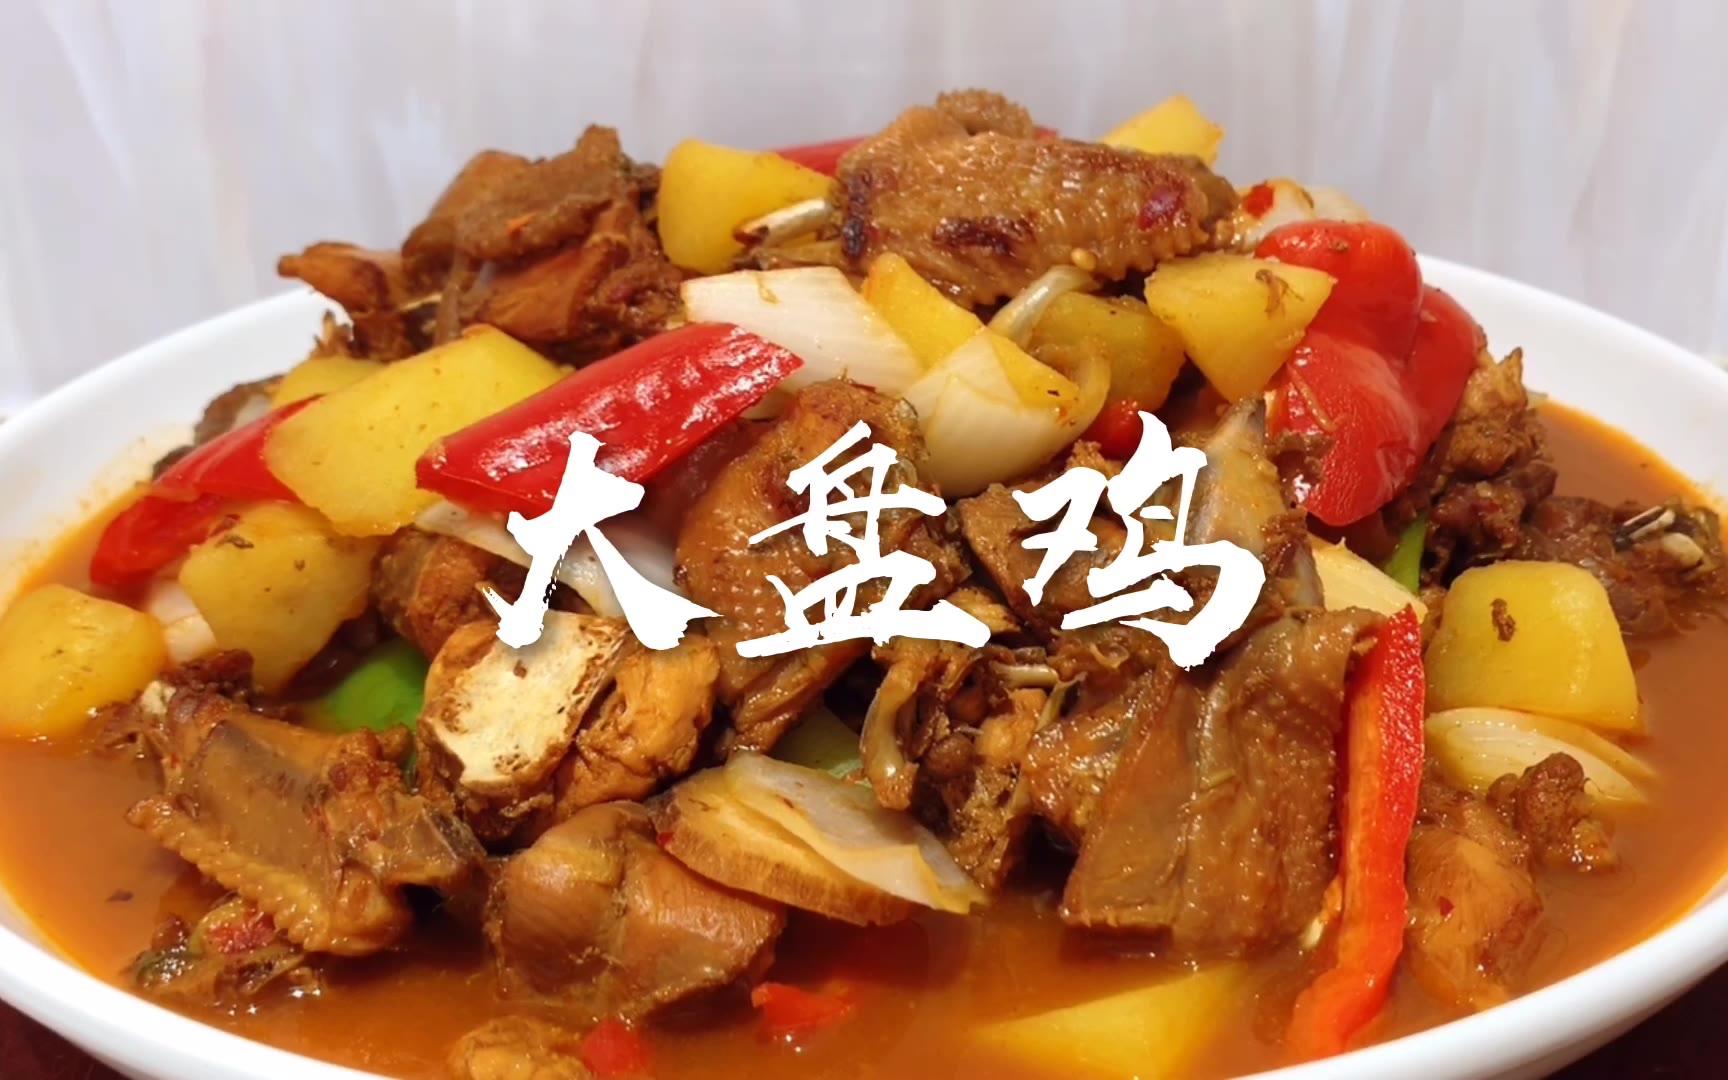 新疆大盘鸡怎么做才好吃?大厨教你饭店特色做法,上桌汤汁都不剩